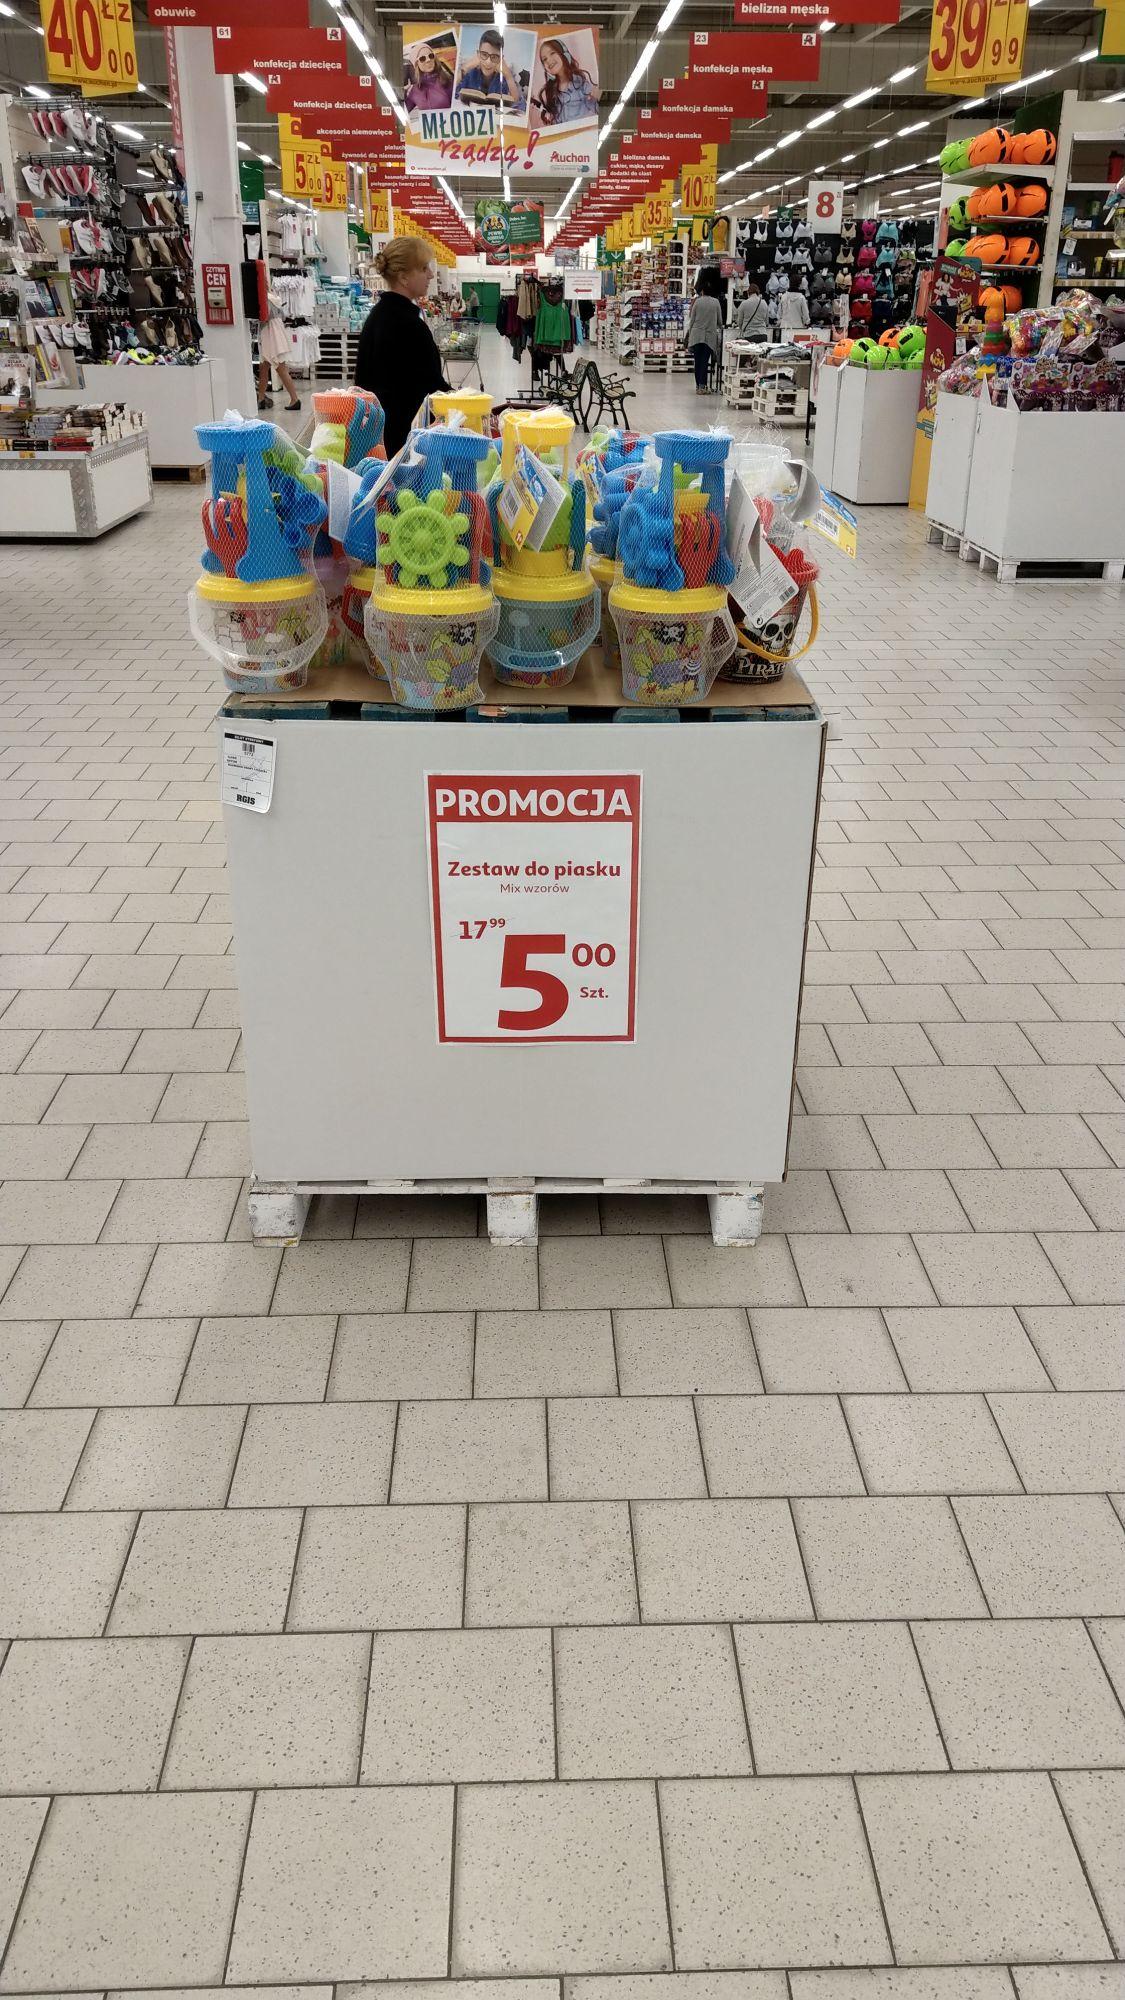 Zestaw do piasku - mix wzorów - Auchan Rybnik i raczej też inne Auchan